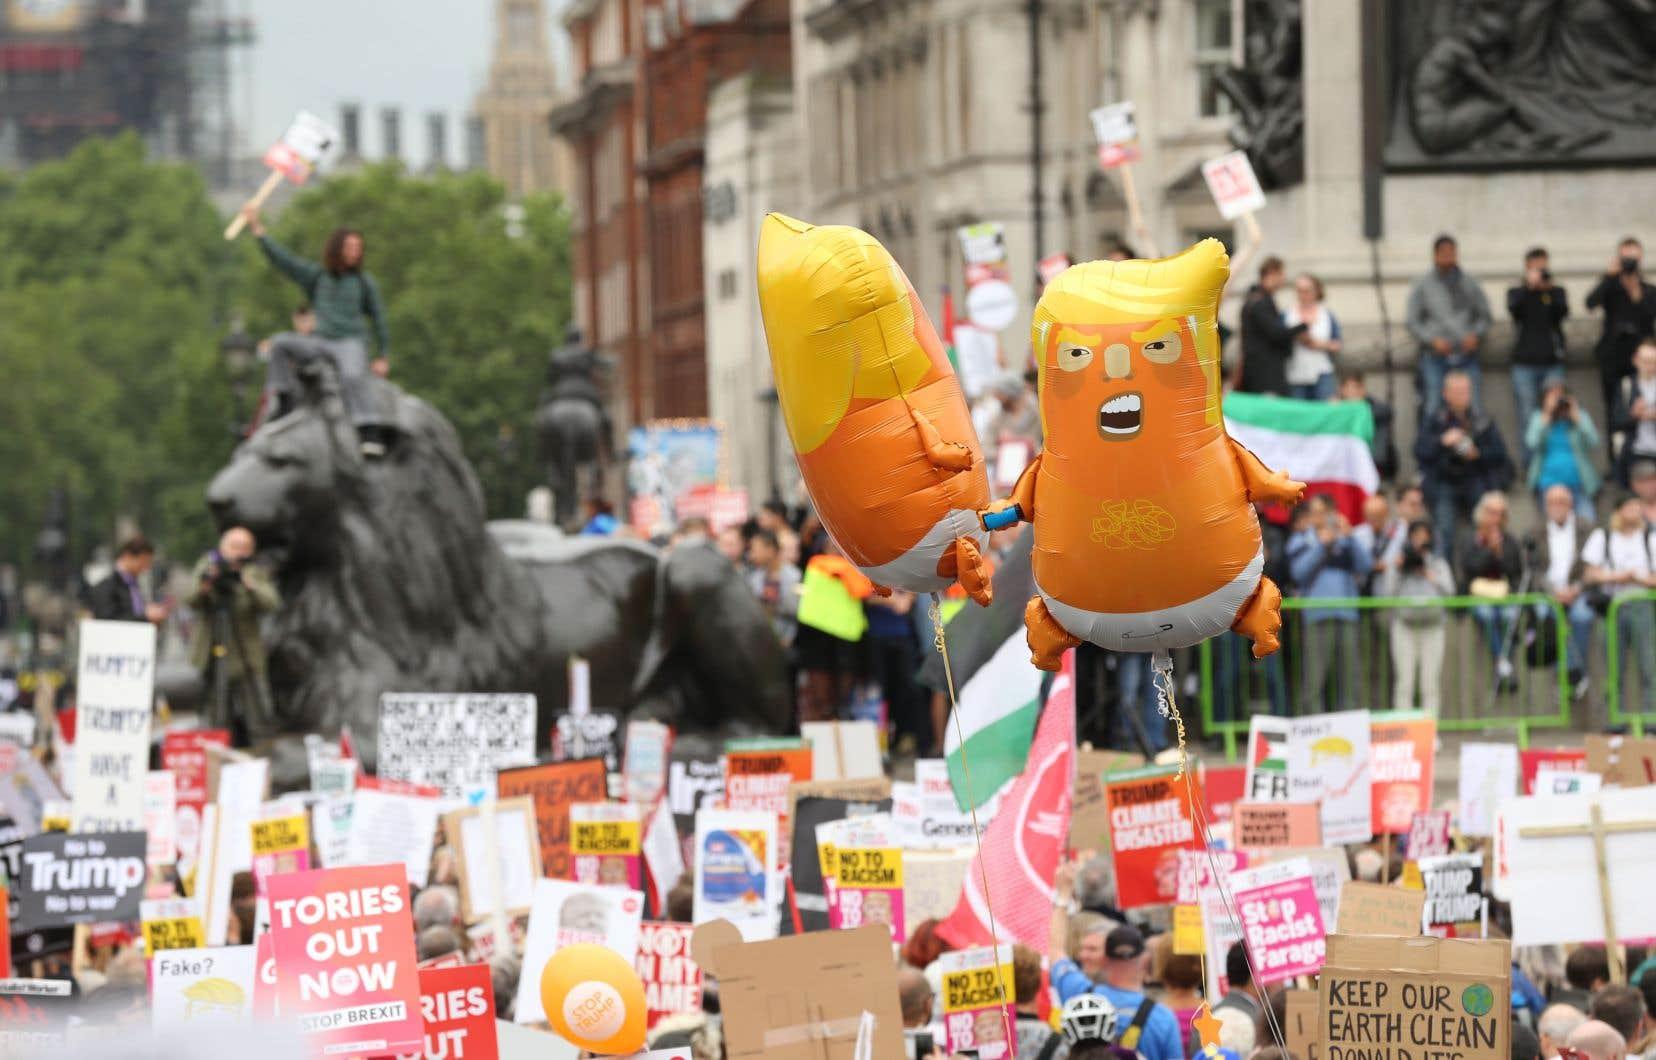 Des manifestants anti-Trump se sont rassemblés à Trafalgar Square, au centre de Londres, mardi.